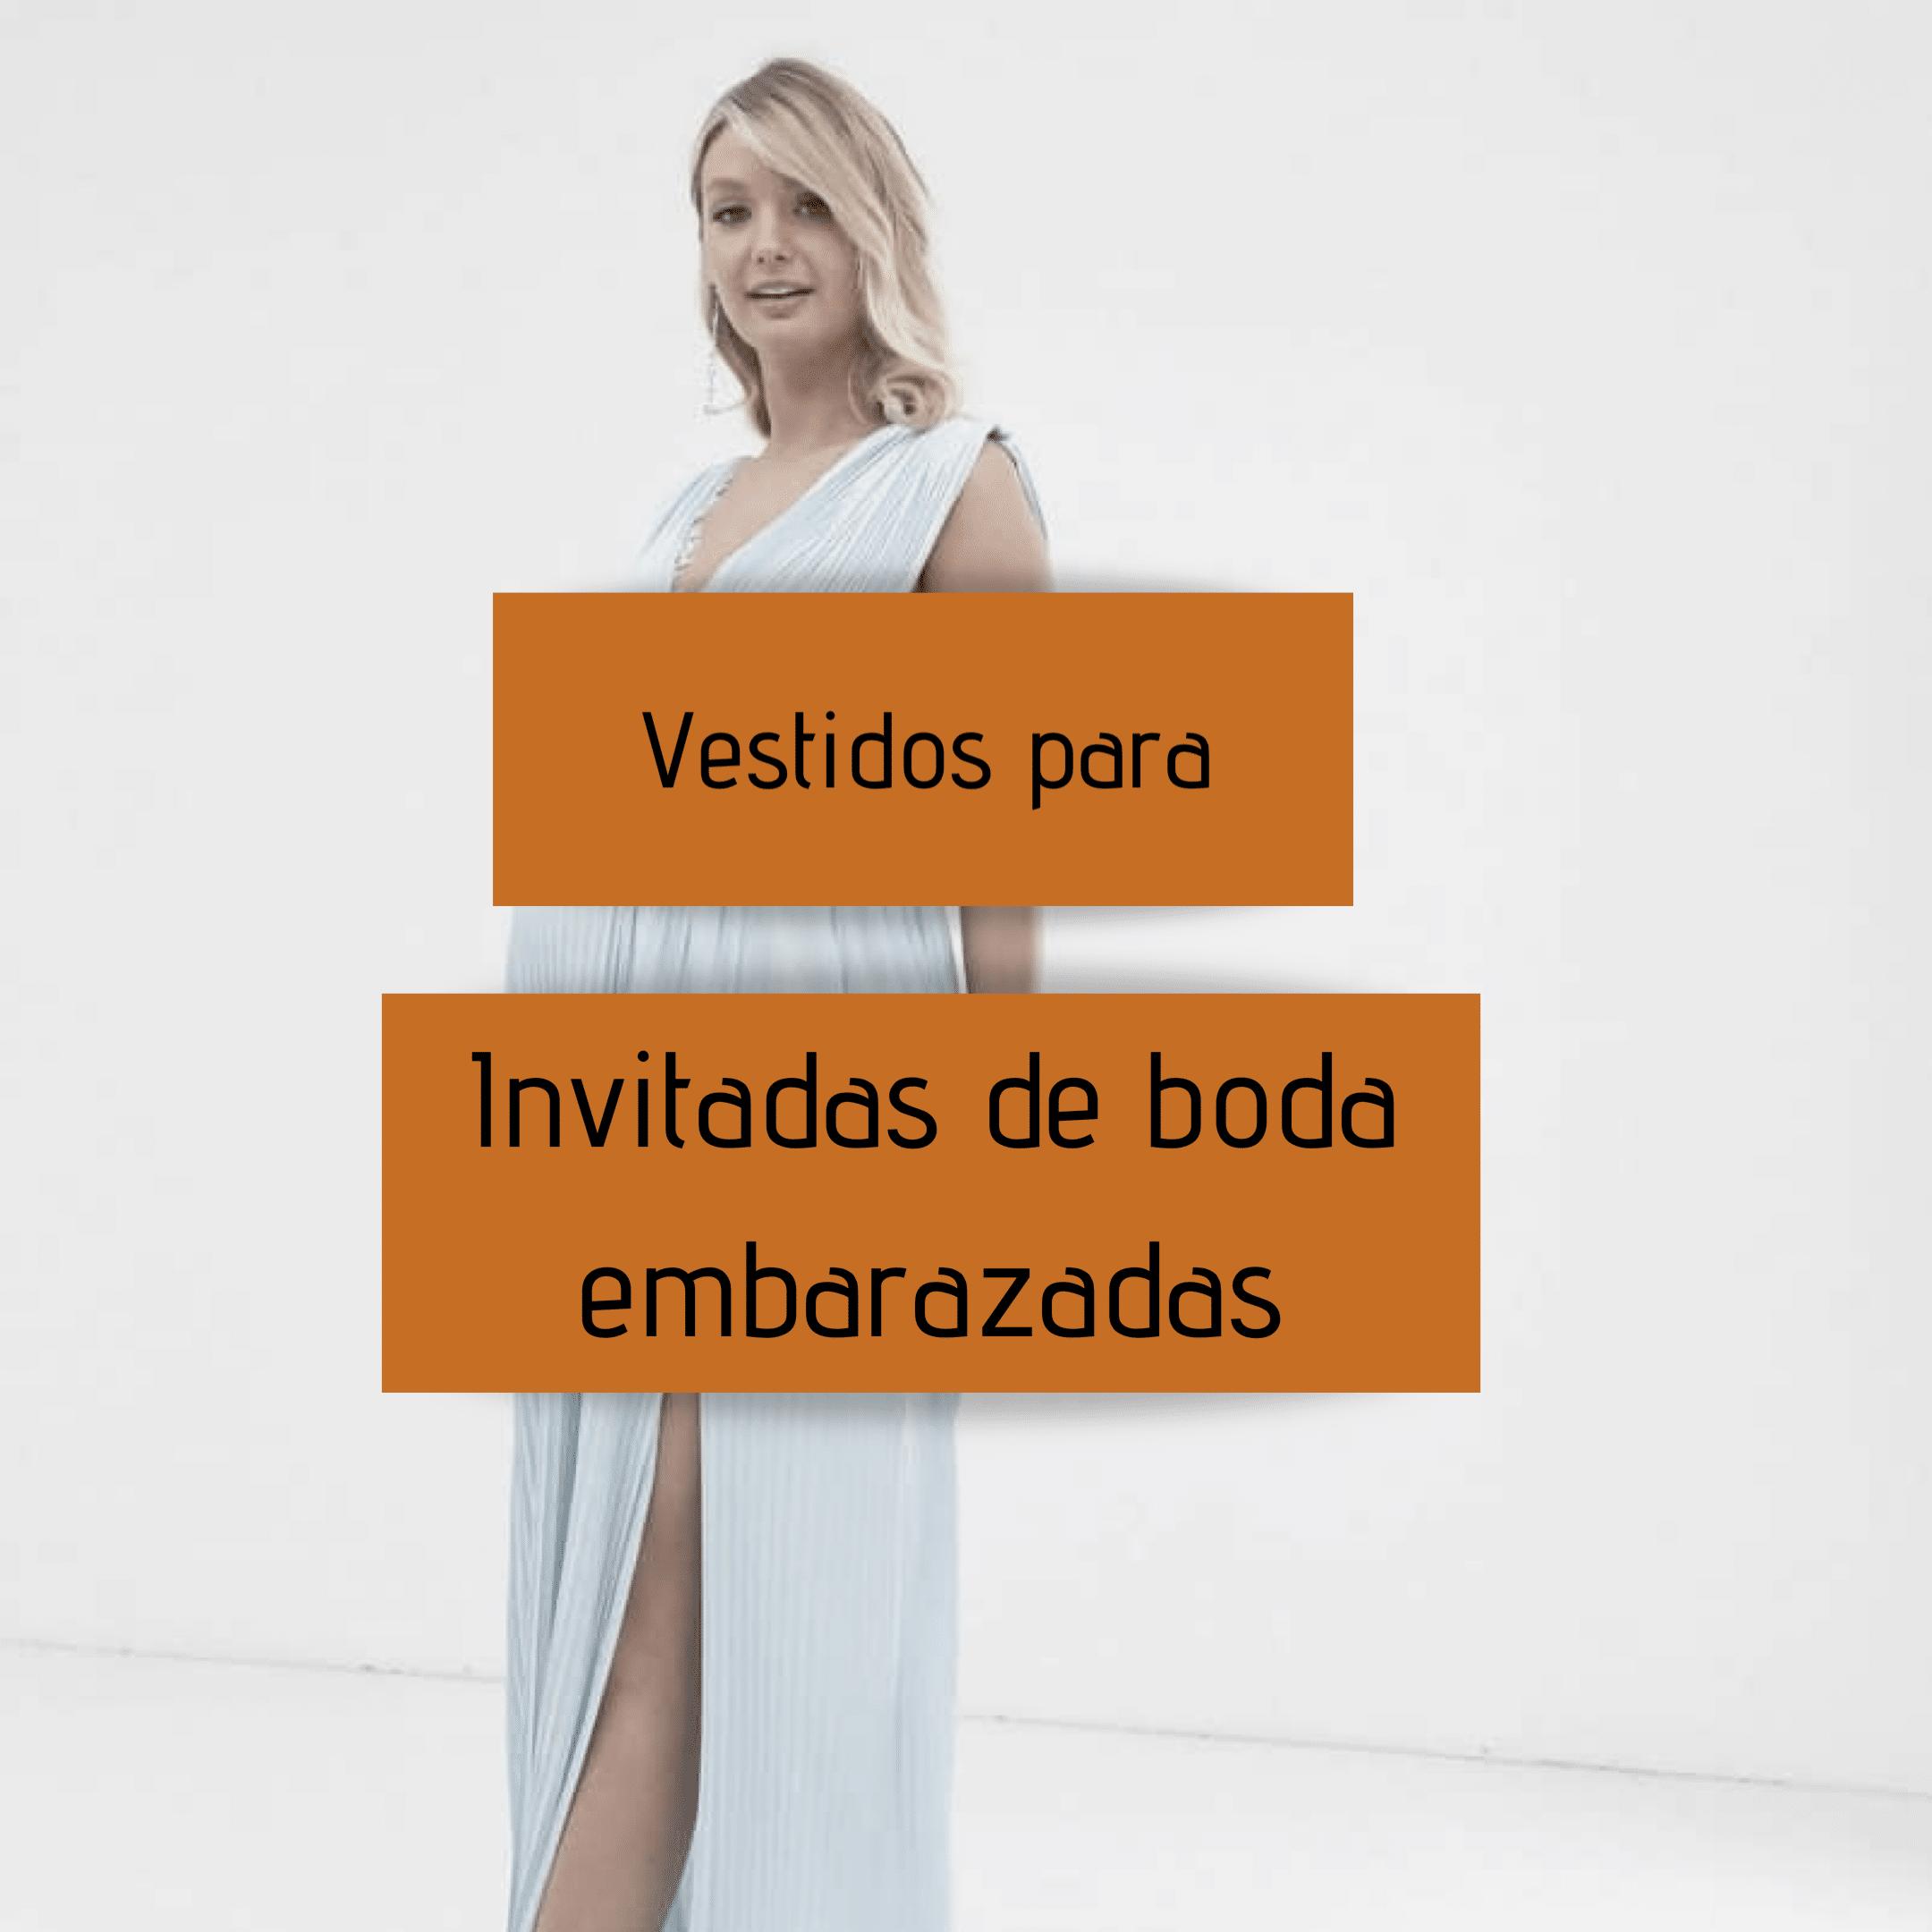 Vestidos para invitadas de boda embarazadas